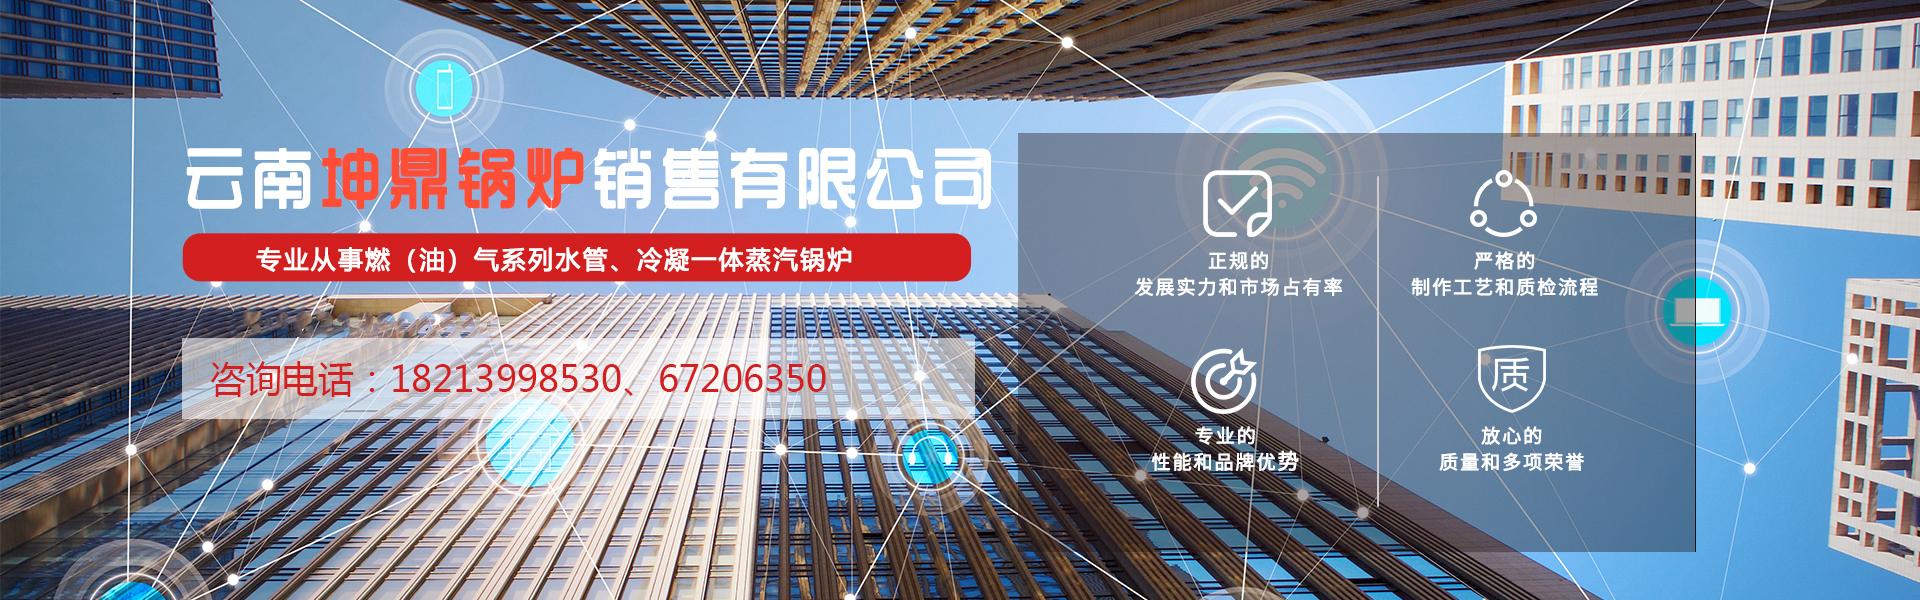 云南坤鼎锅炉专业从事锅炉安装维修改造